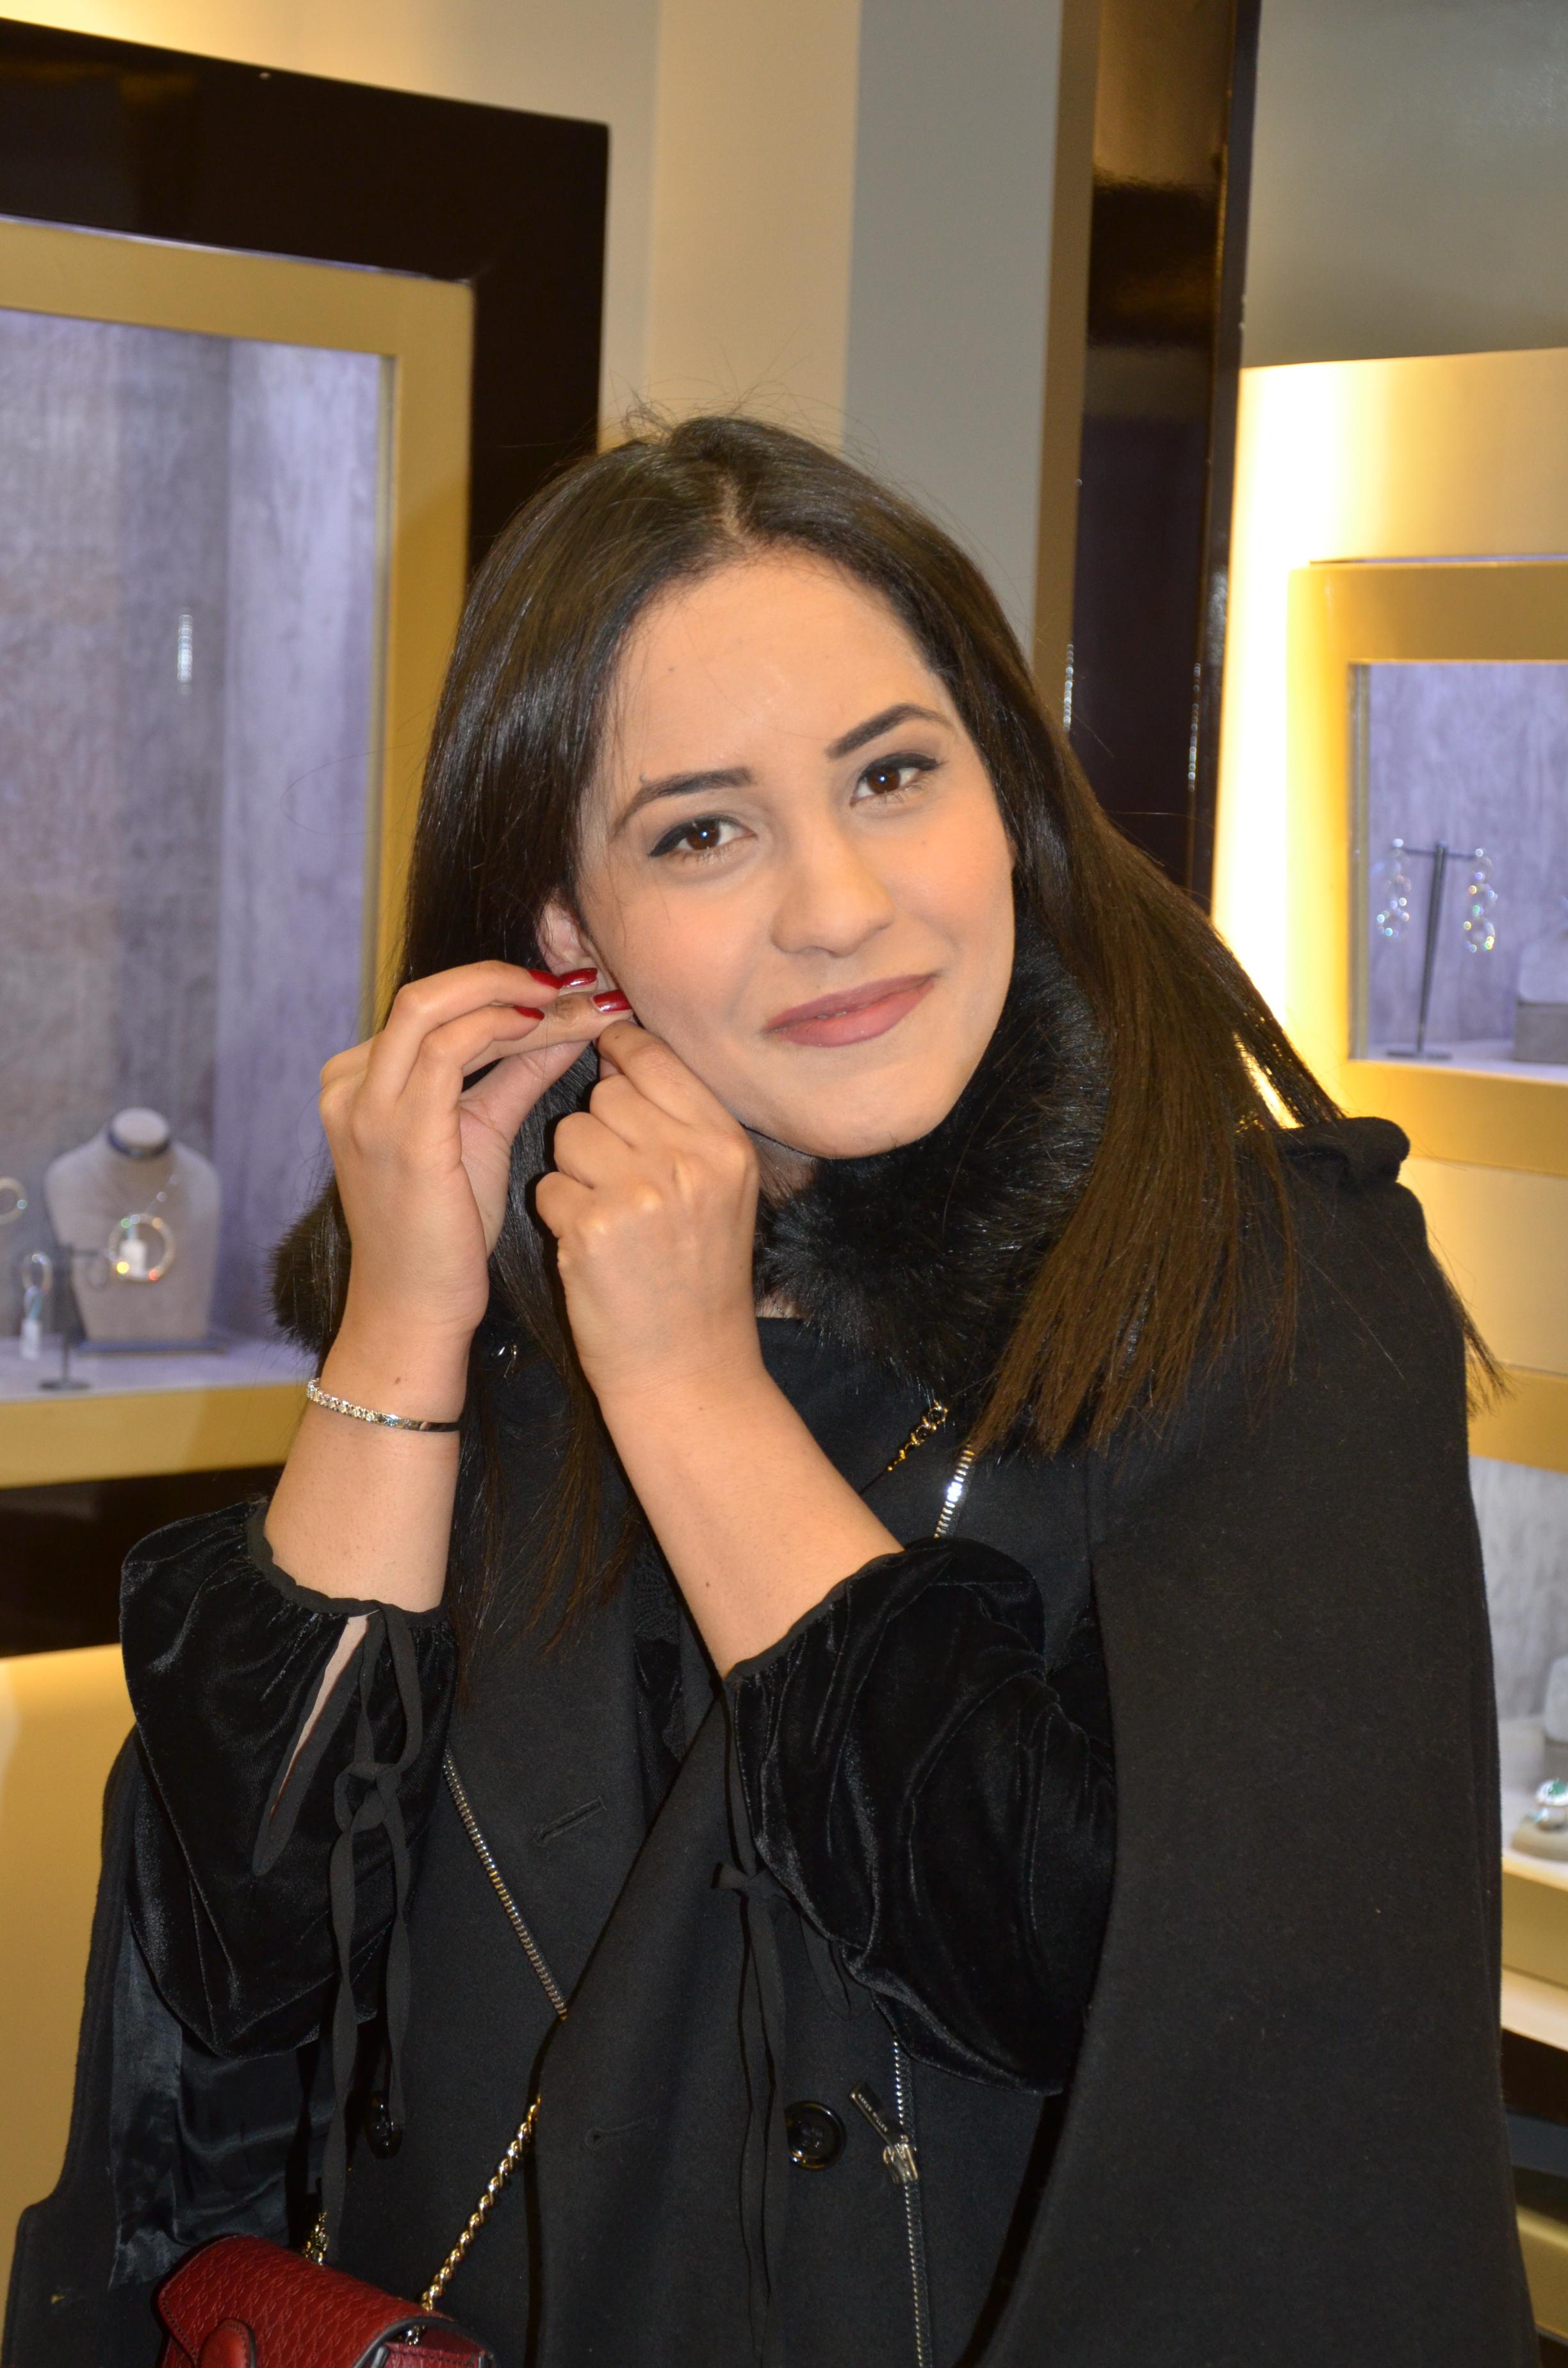 Ms. Aya Faseeh